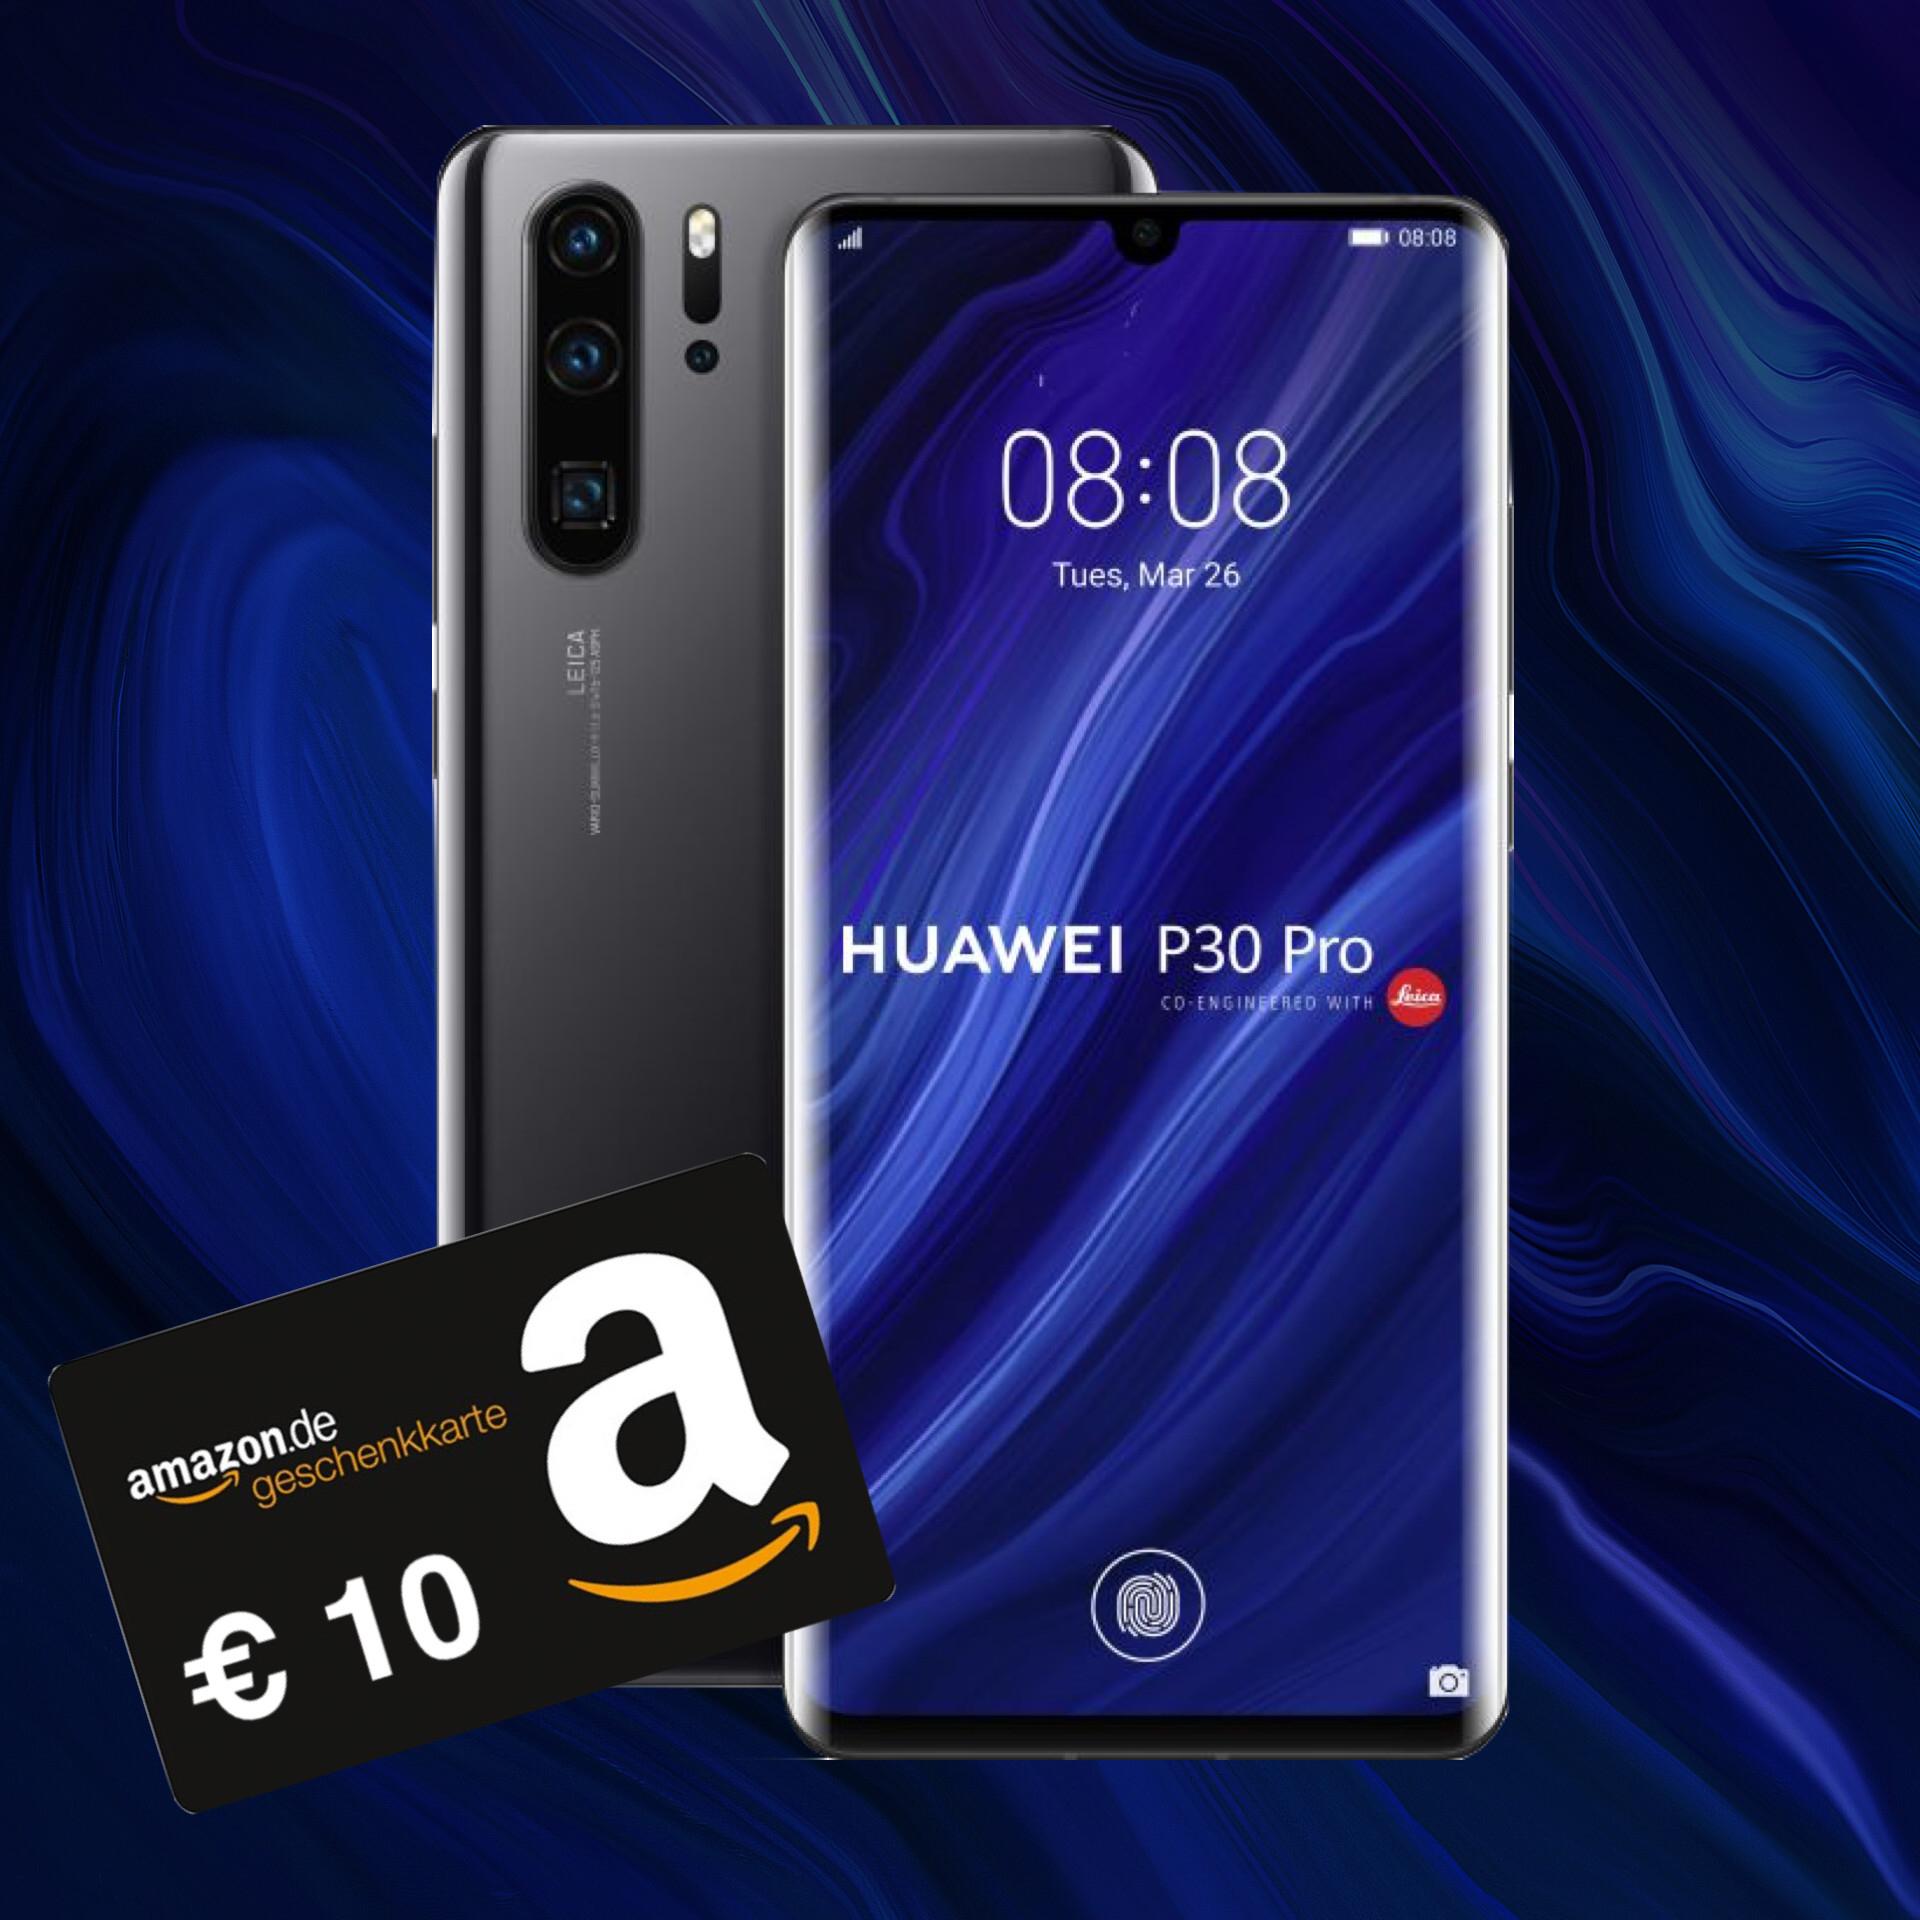 Otelo Allnet Max (20GB LTE) für mtl. 29,99€ mit Huawei P30 Pro (53,99€) inkl. 10€ Amazon Gutschein im Vodafone-Netz I mit iPhone 8 für insgesamt 773,75€